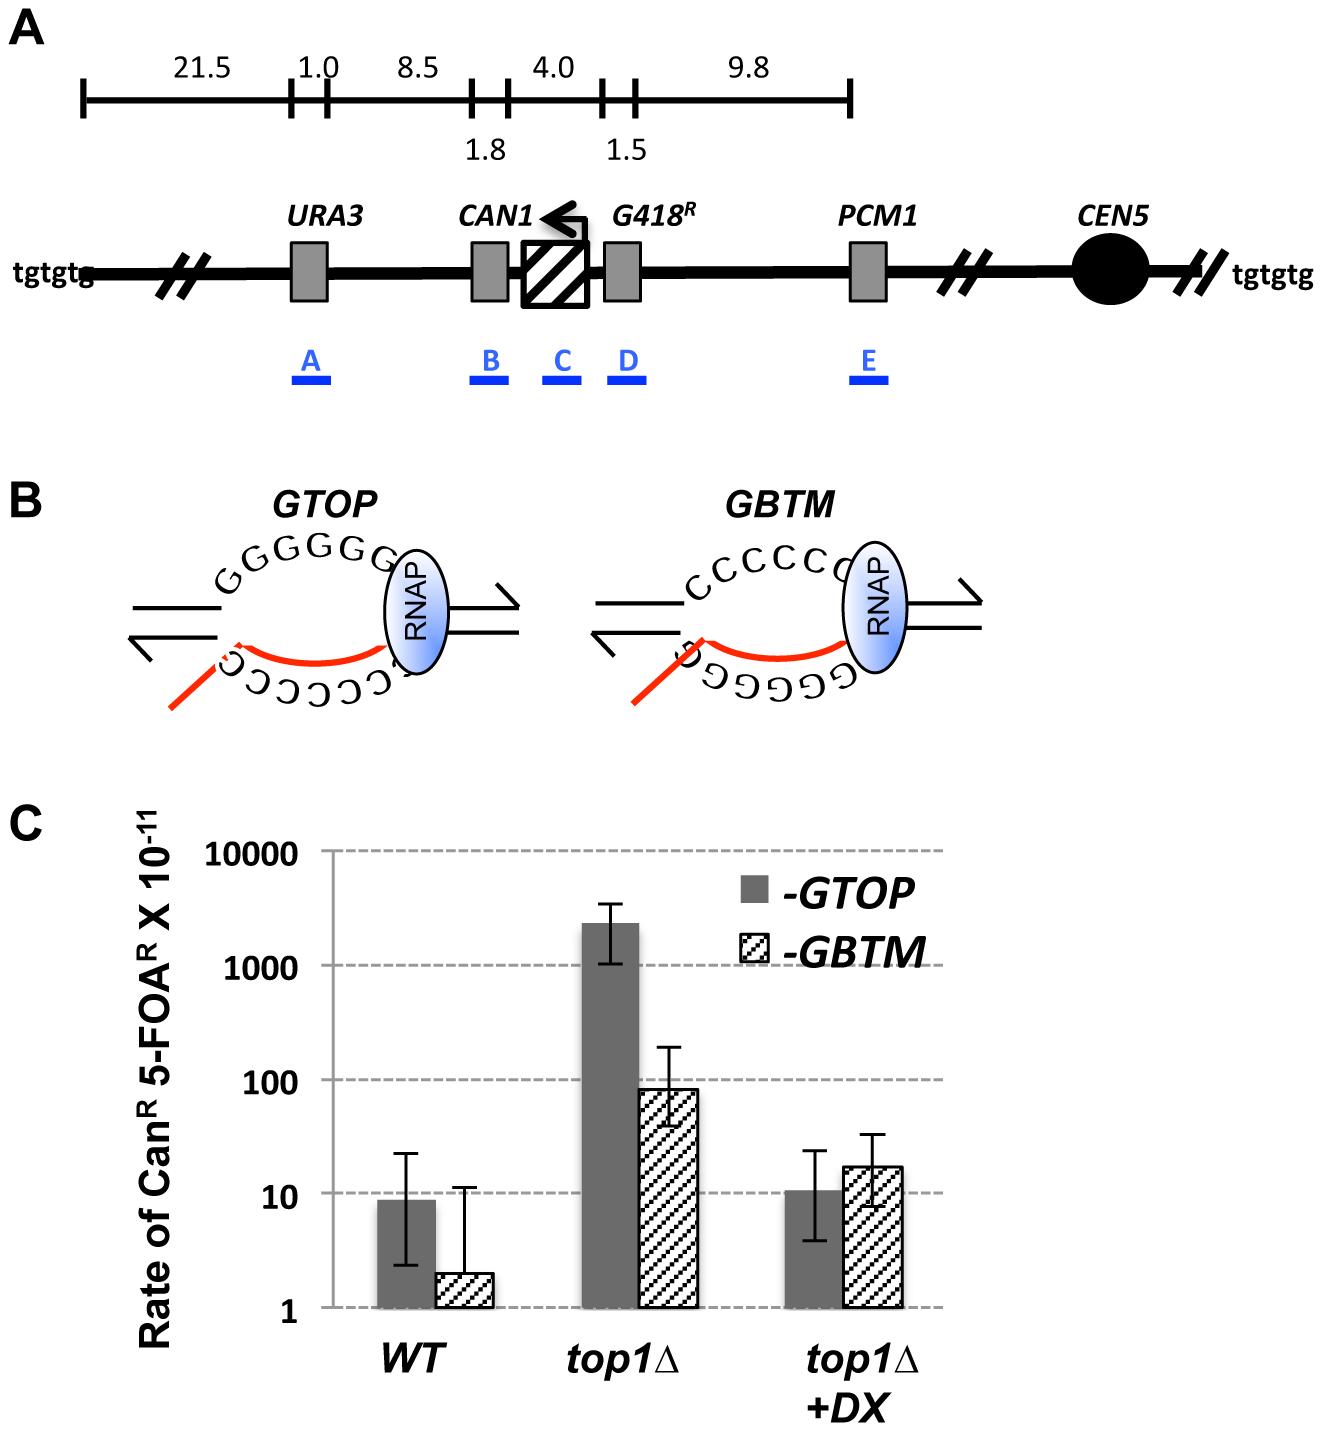 Gross Chromosomal Rearrangement (GCR) assay.